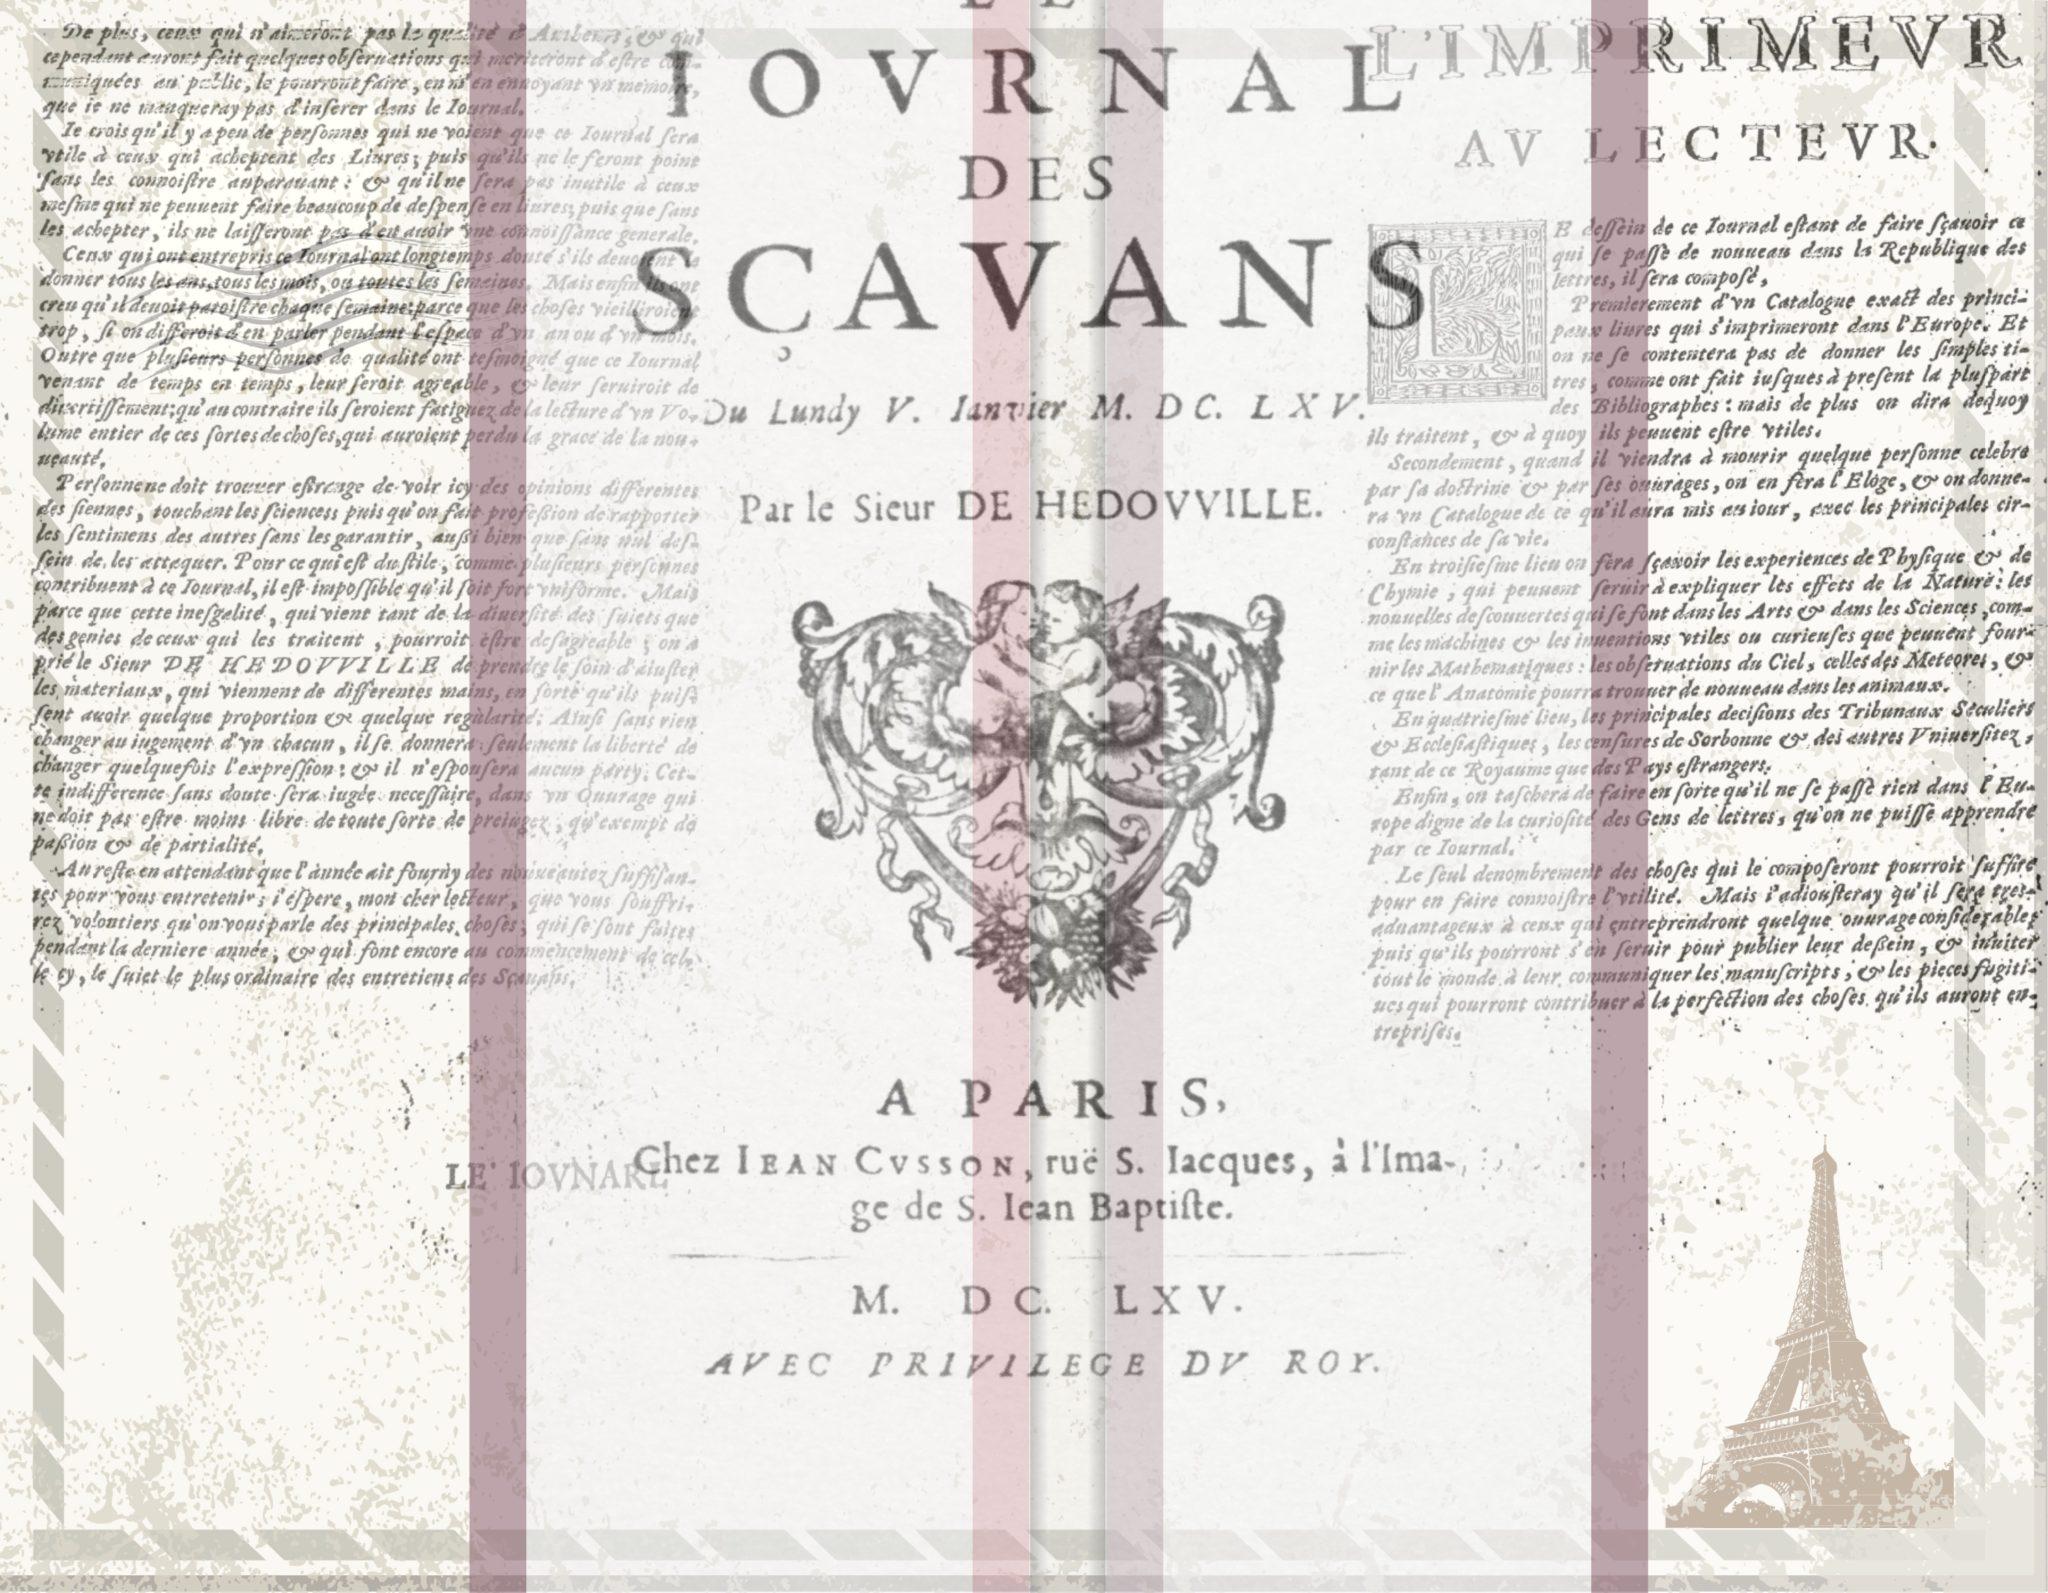 Journal des Scavans